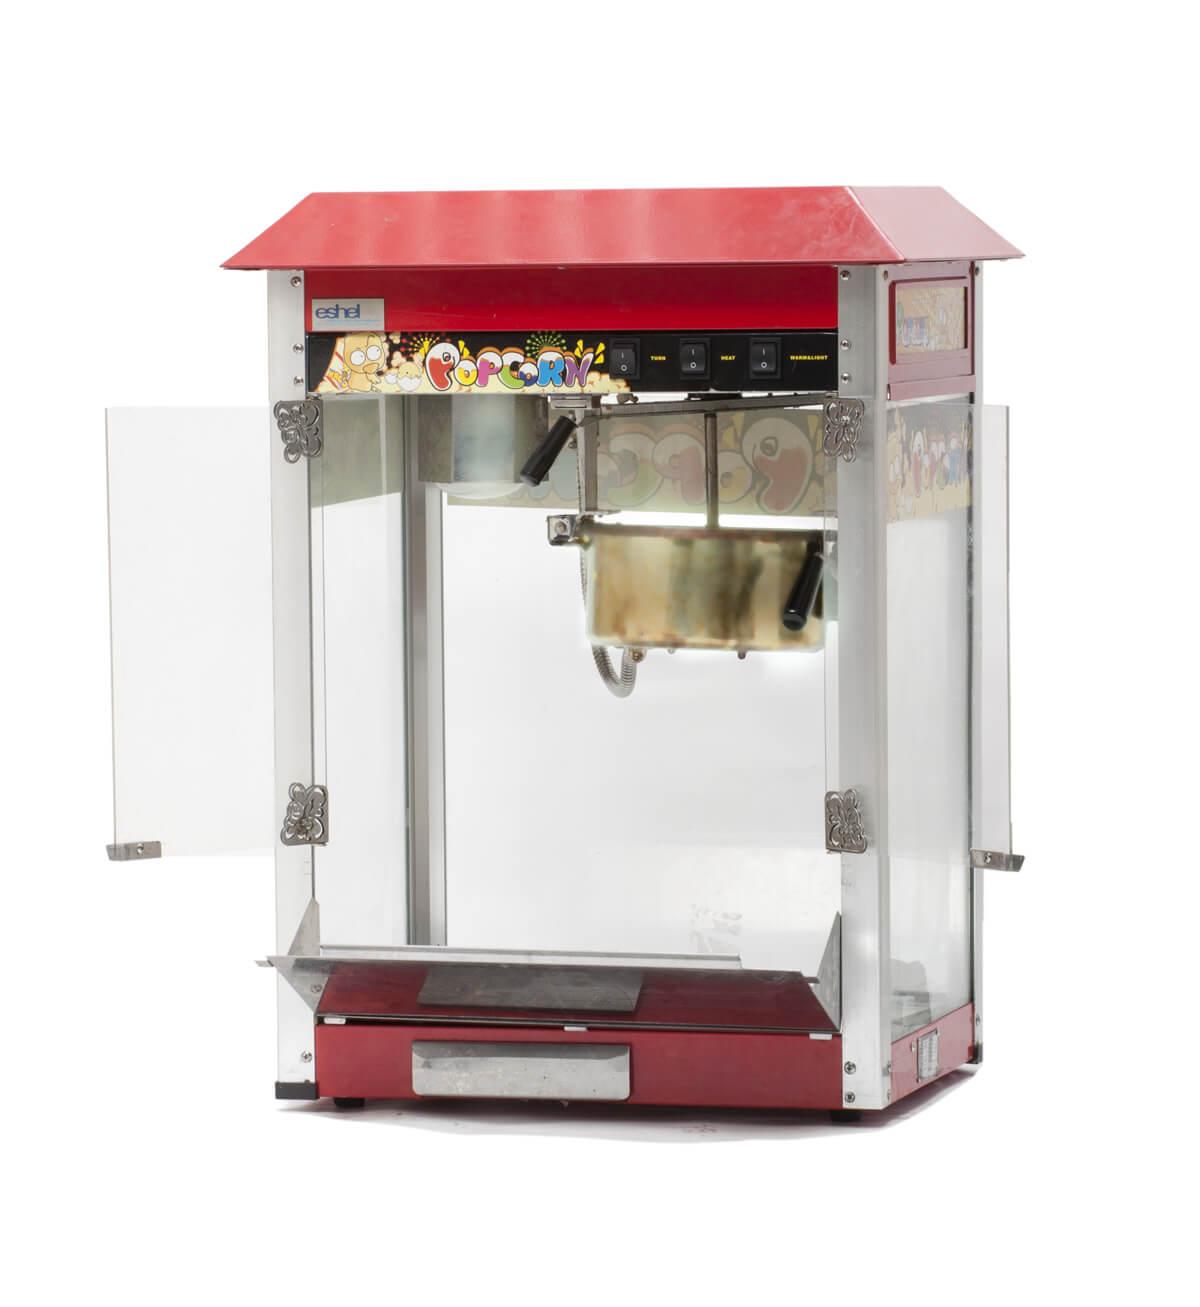 מתוחכם השכרת דוכי מזון   השכרת מכונת פופקרן ושאר דוכני מזון במחירים זולים WZ-35